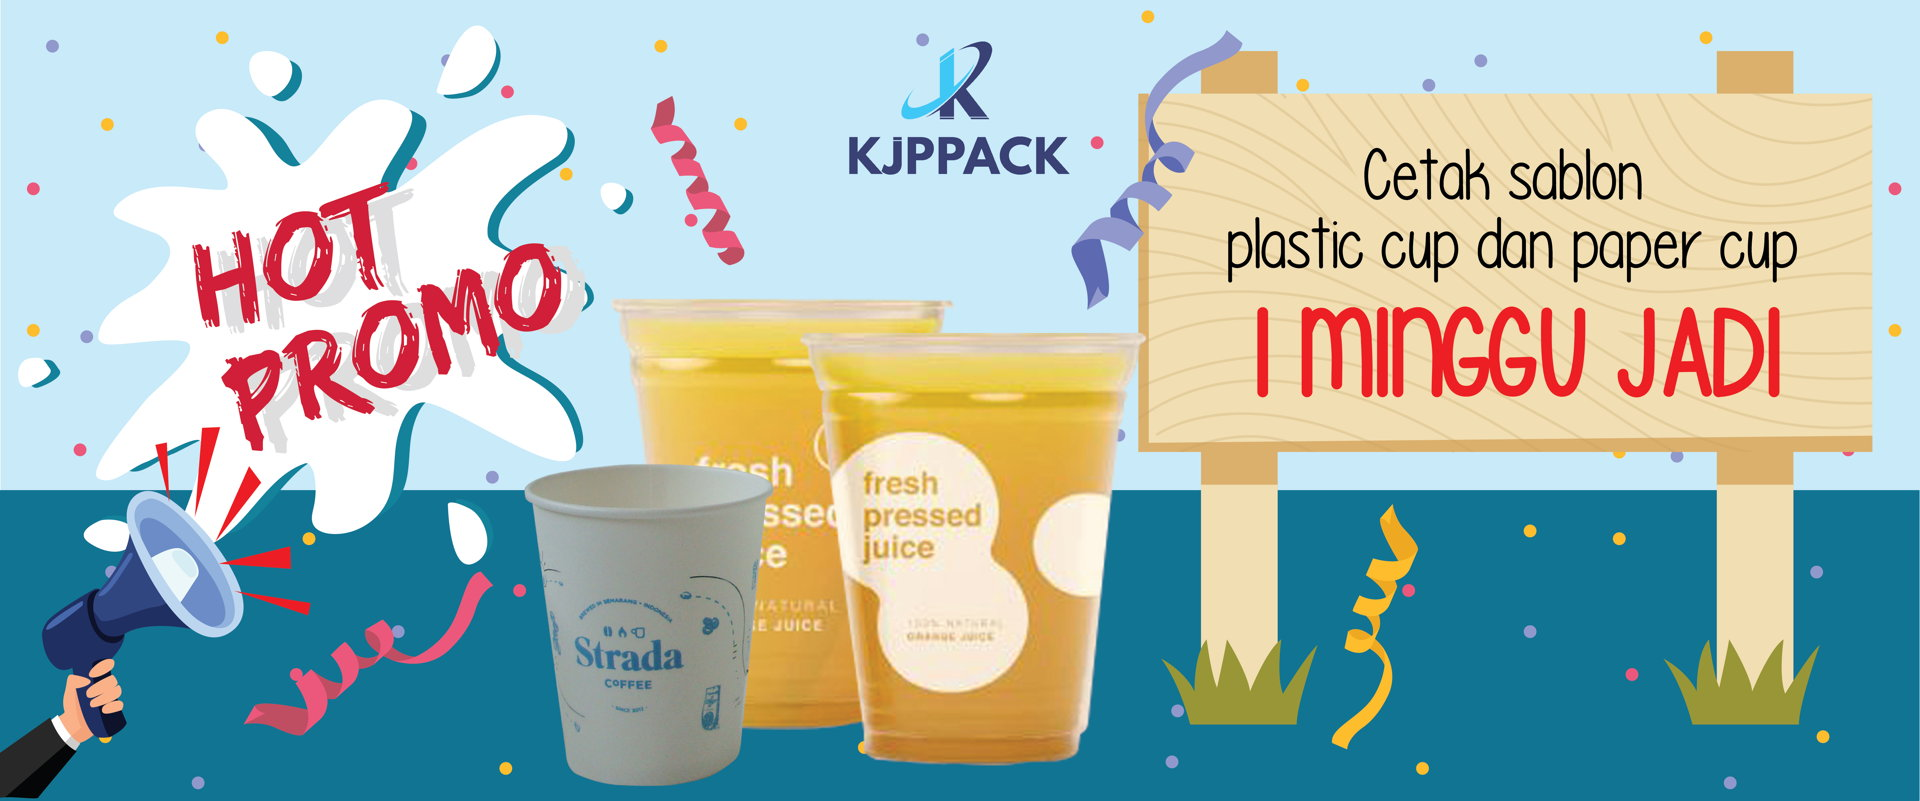 banner promo cetak sablon plastik cup hanya seminggu